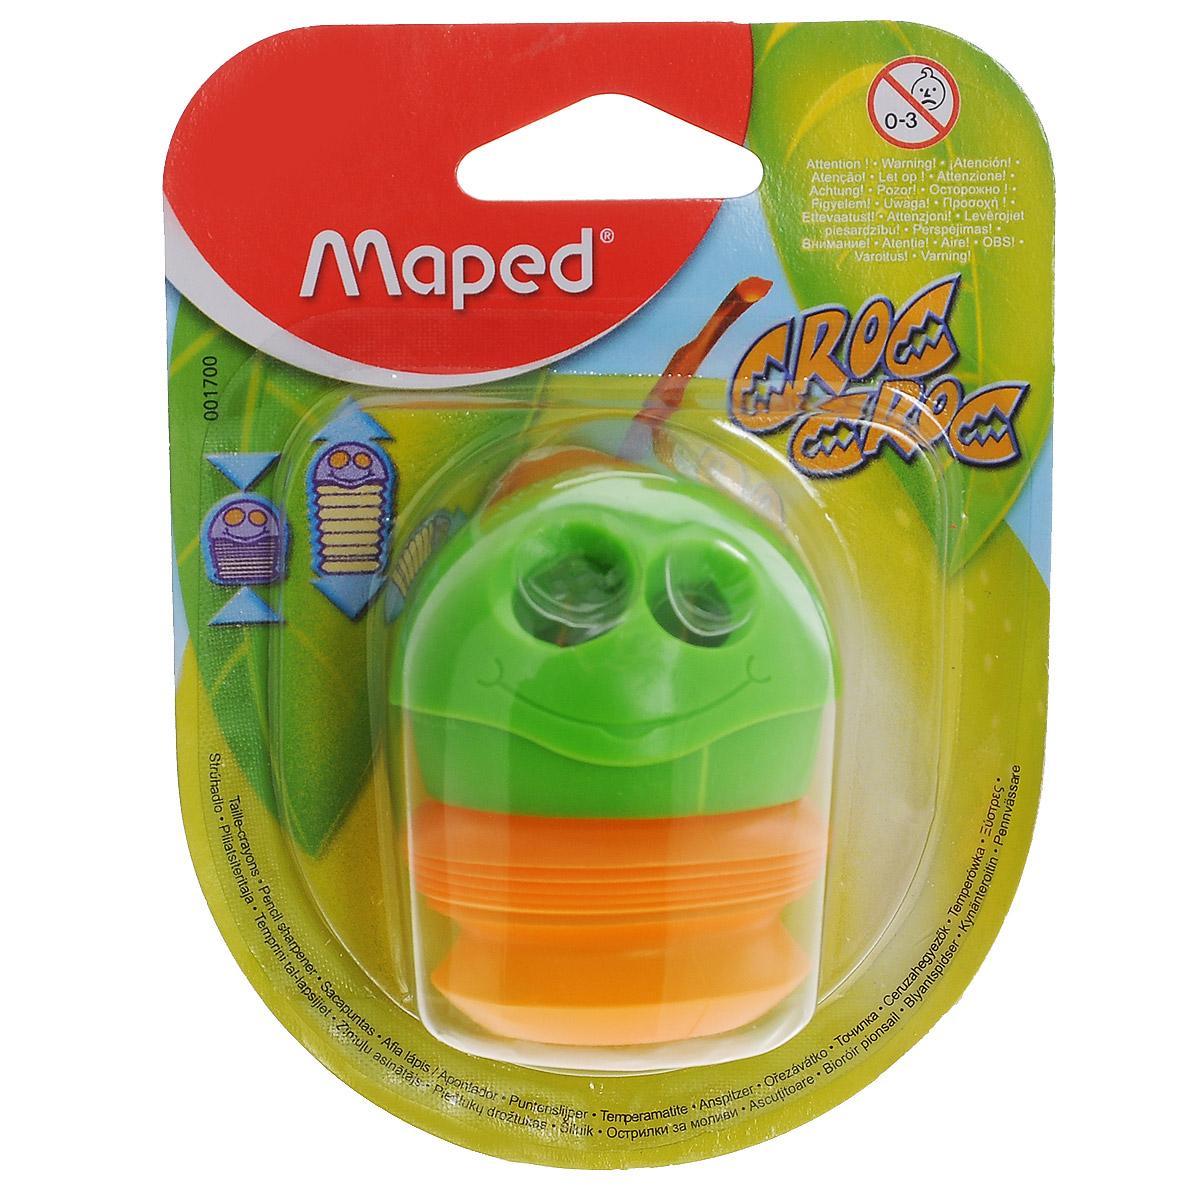 Точилка Maped Сroc-Croc, цвет: зеленый, оранжевыйACL0010BЗабавная точилка Сroc-Croc, выполненная из пластика и металла, предназначена для затачивания карандашей различного диаметра. Точилка с двумя отверстиями оснащена гибким вместительным контейнером для сбора стружки.Благодаря оригинальному дизайну и функциональности, точилка Сroc-Crocстанет любимой канцелярской принадлежностью вашего ребенка.